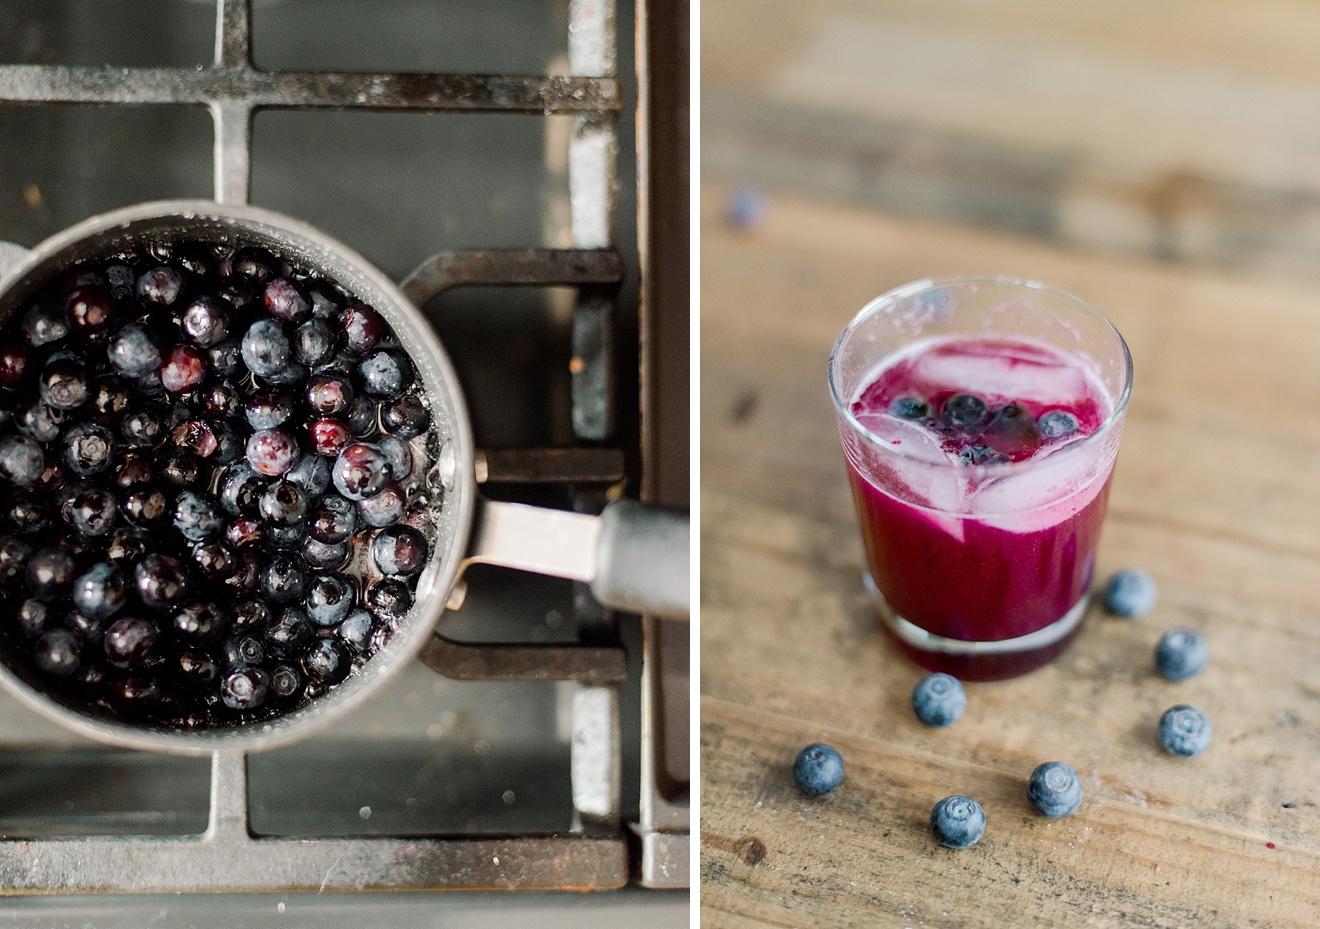 national margarita day, lemon blueberry margarita recipe, blackberry basil margarita recipe, obscure holidays, everyday holiday blog, everyday holidays, oh yay